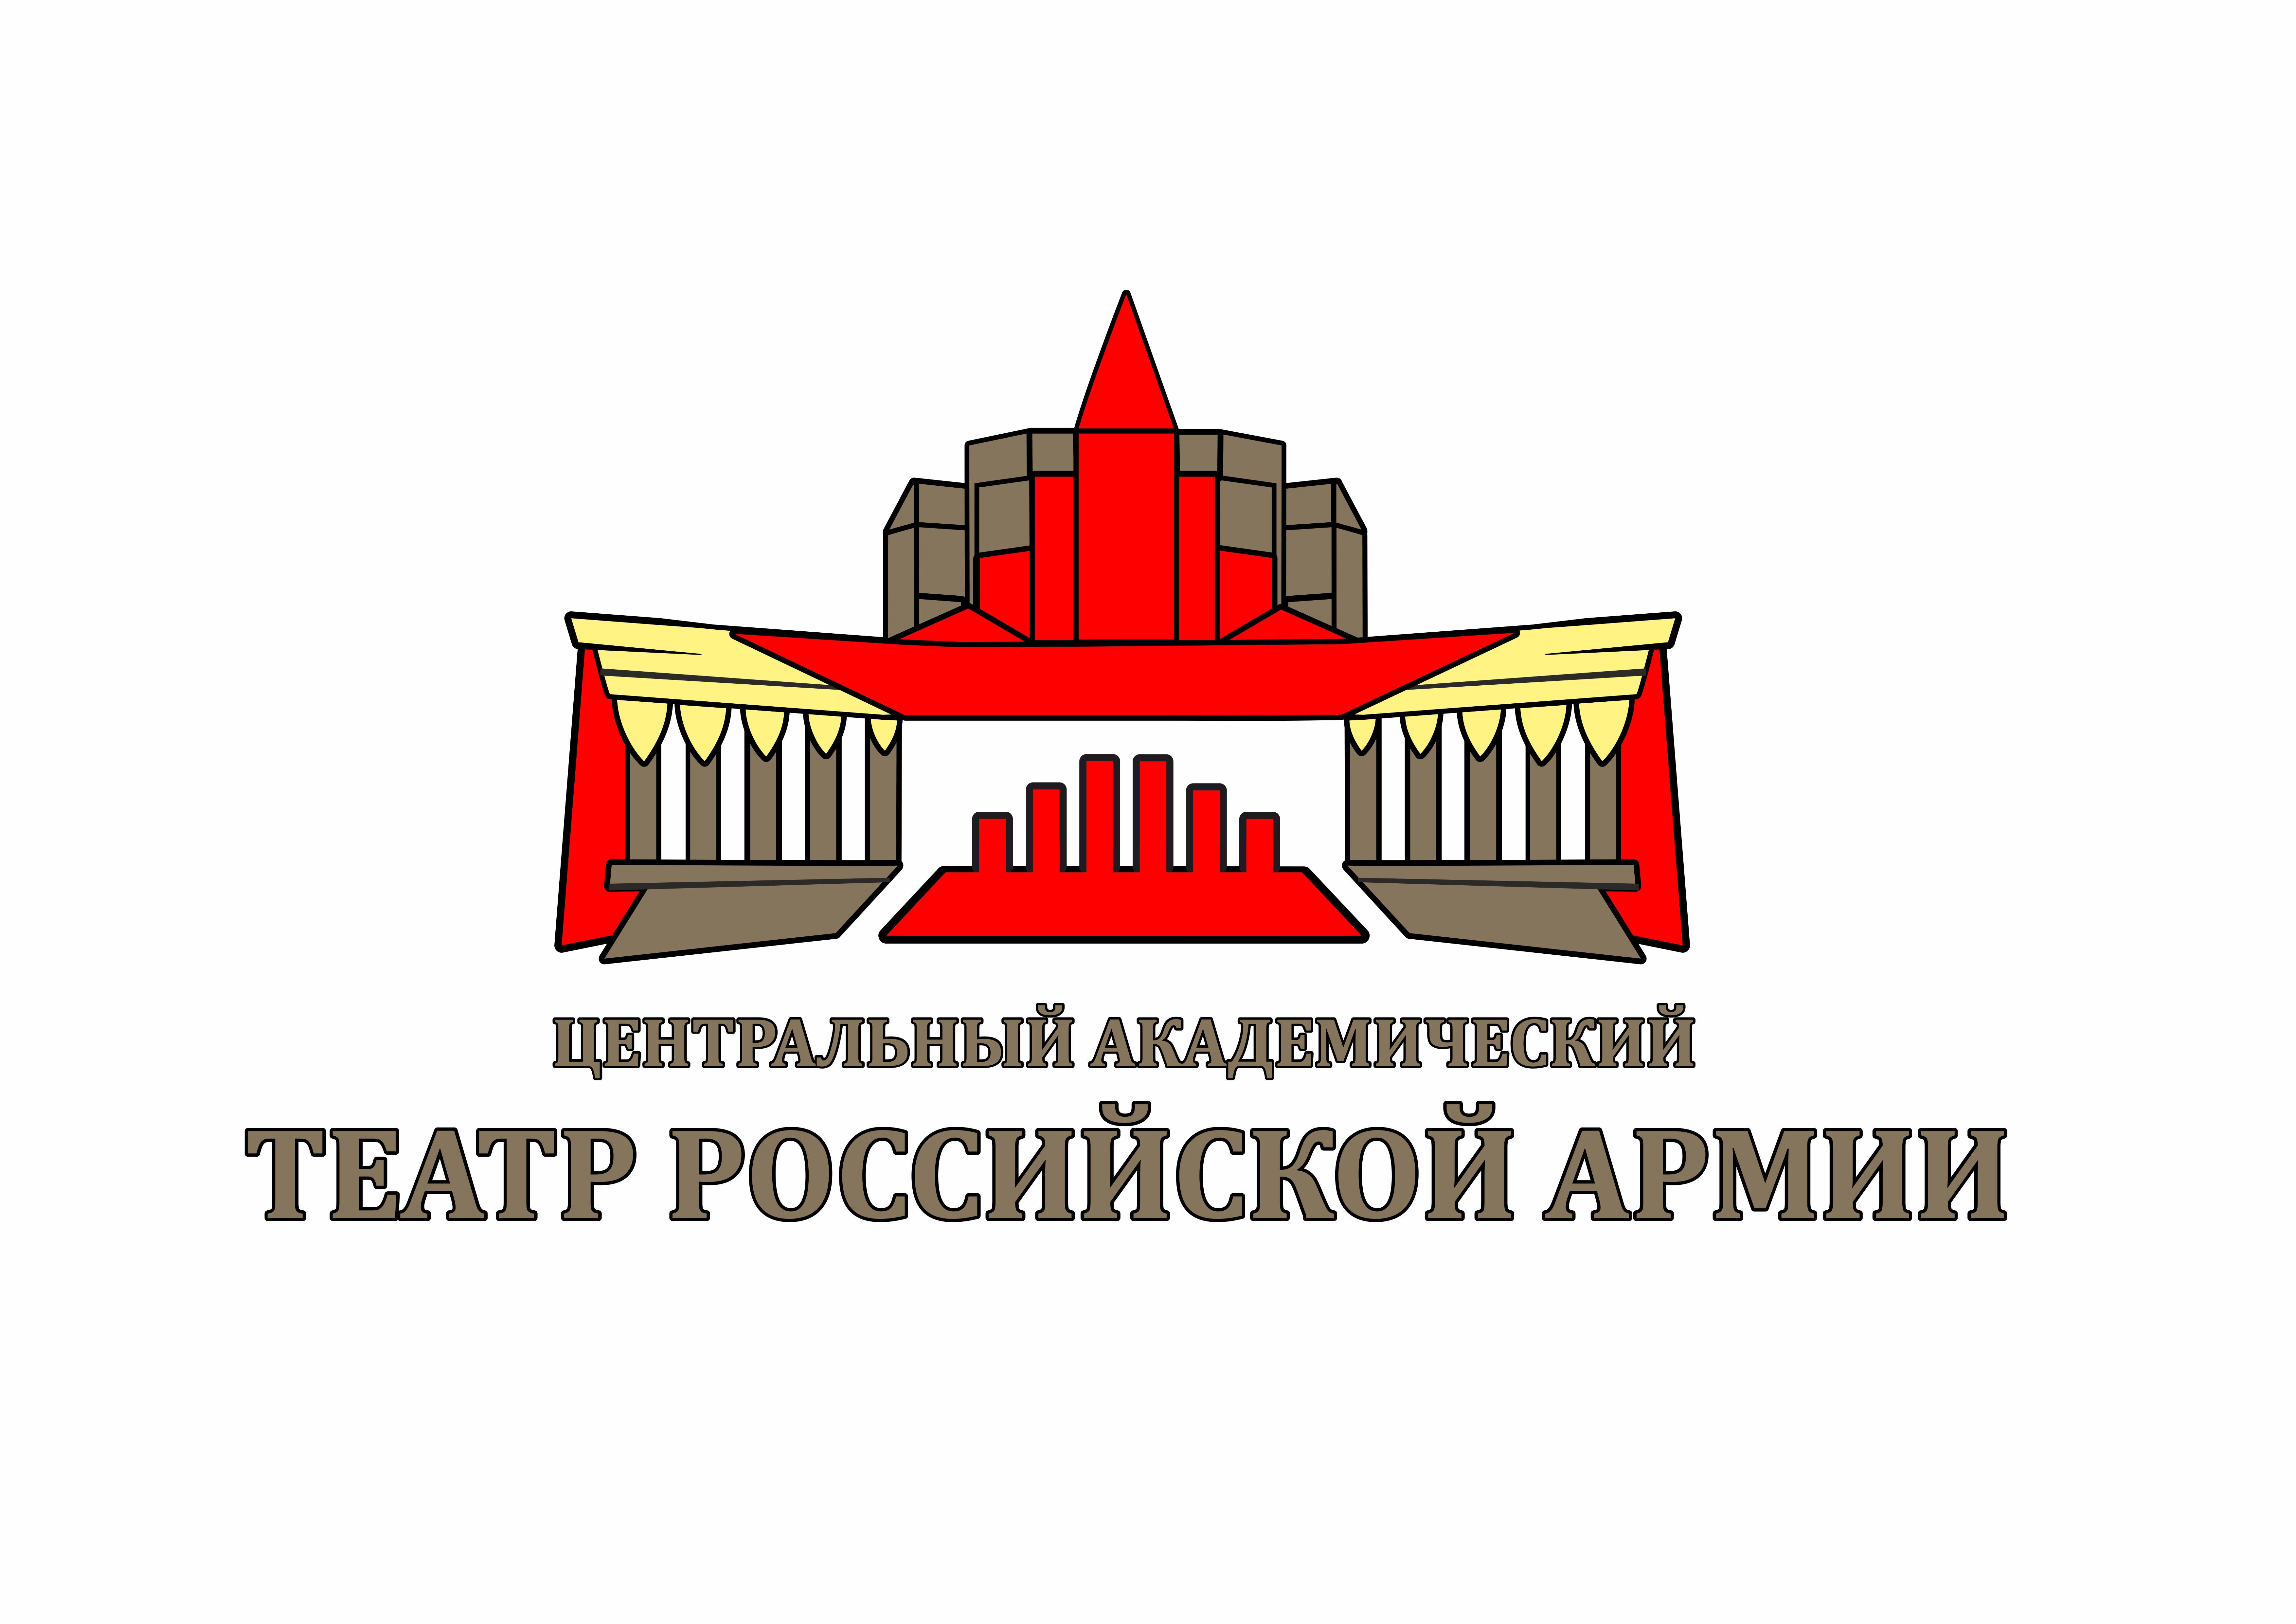 Разработка логотипа для Театра Российской Армии фото f_905588a380765699.png